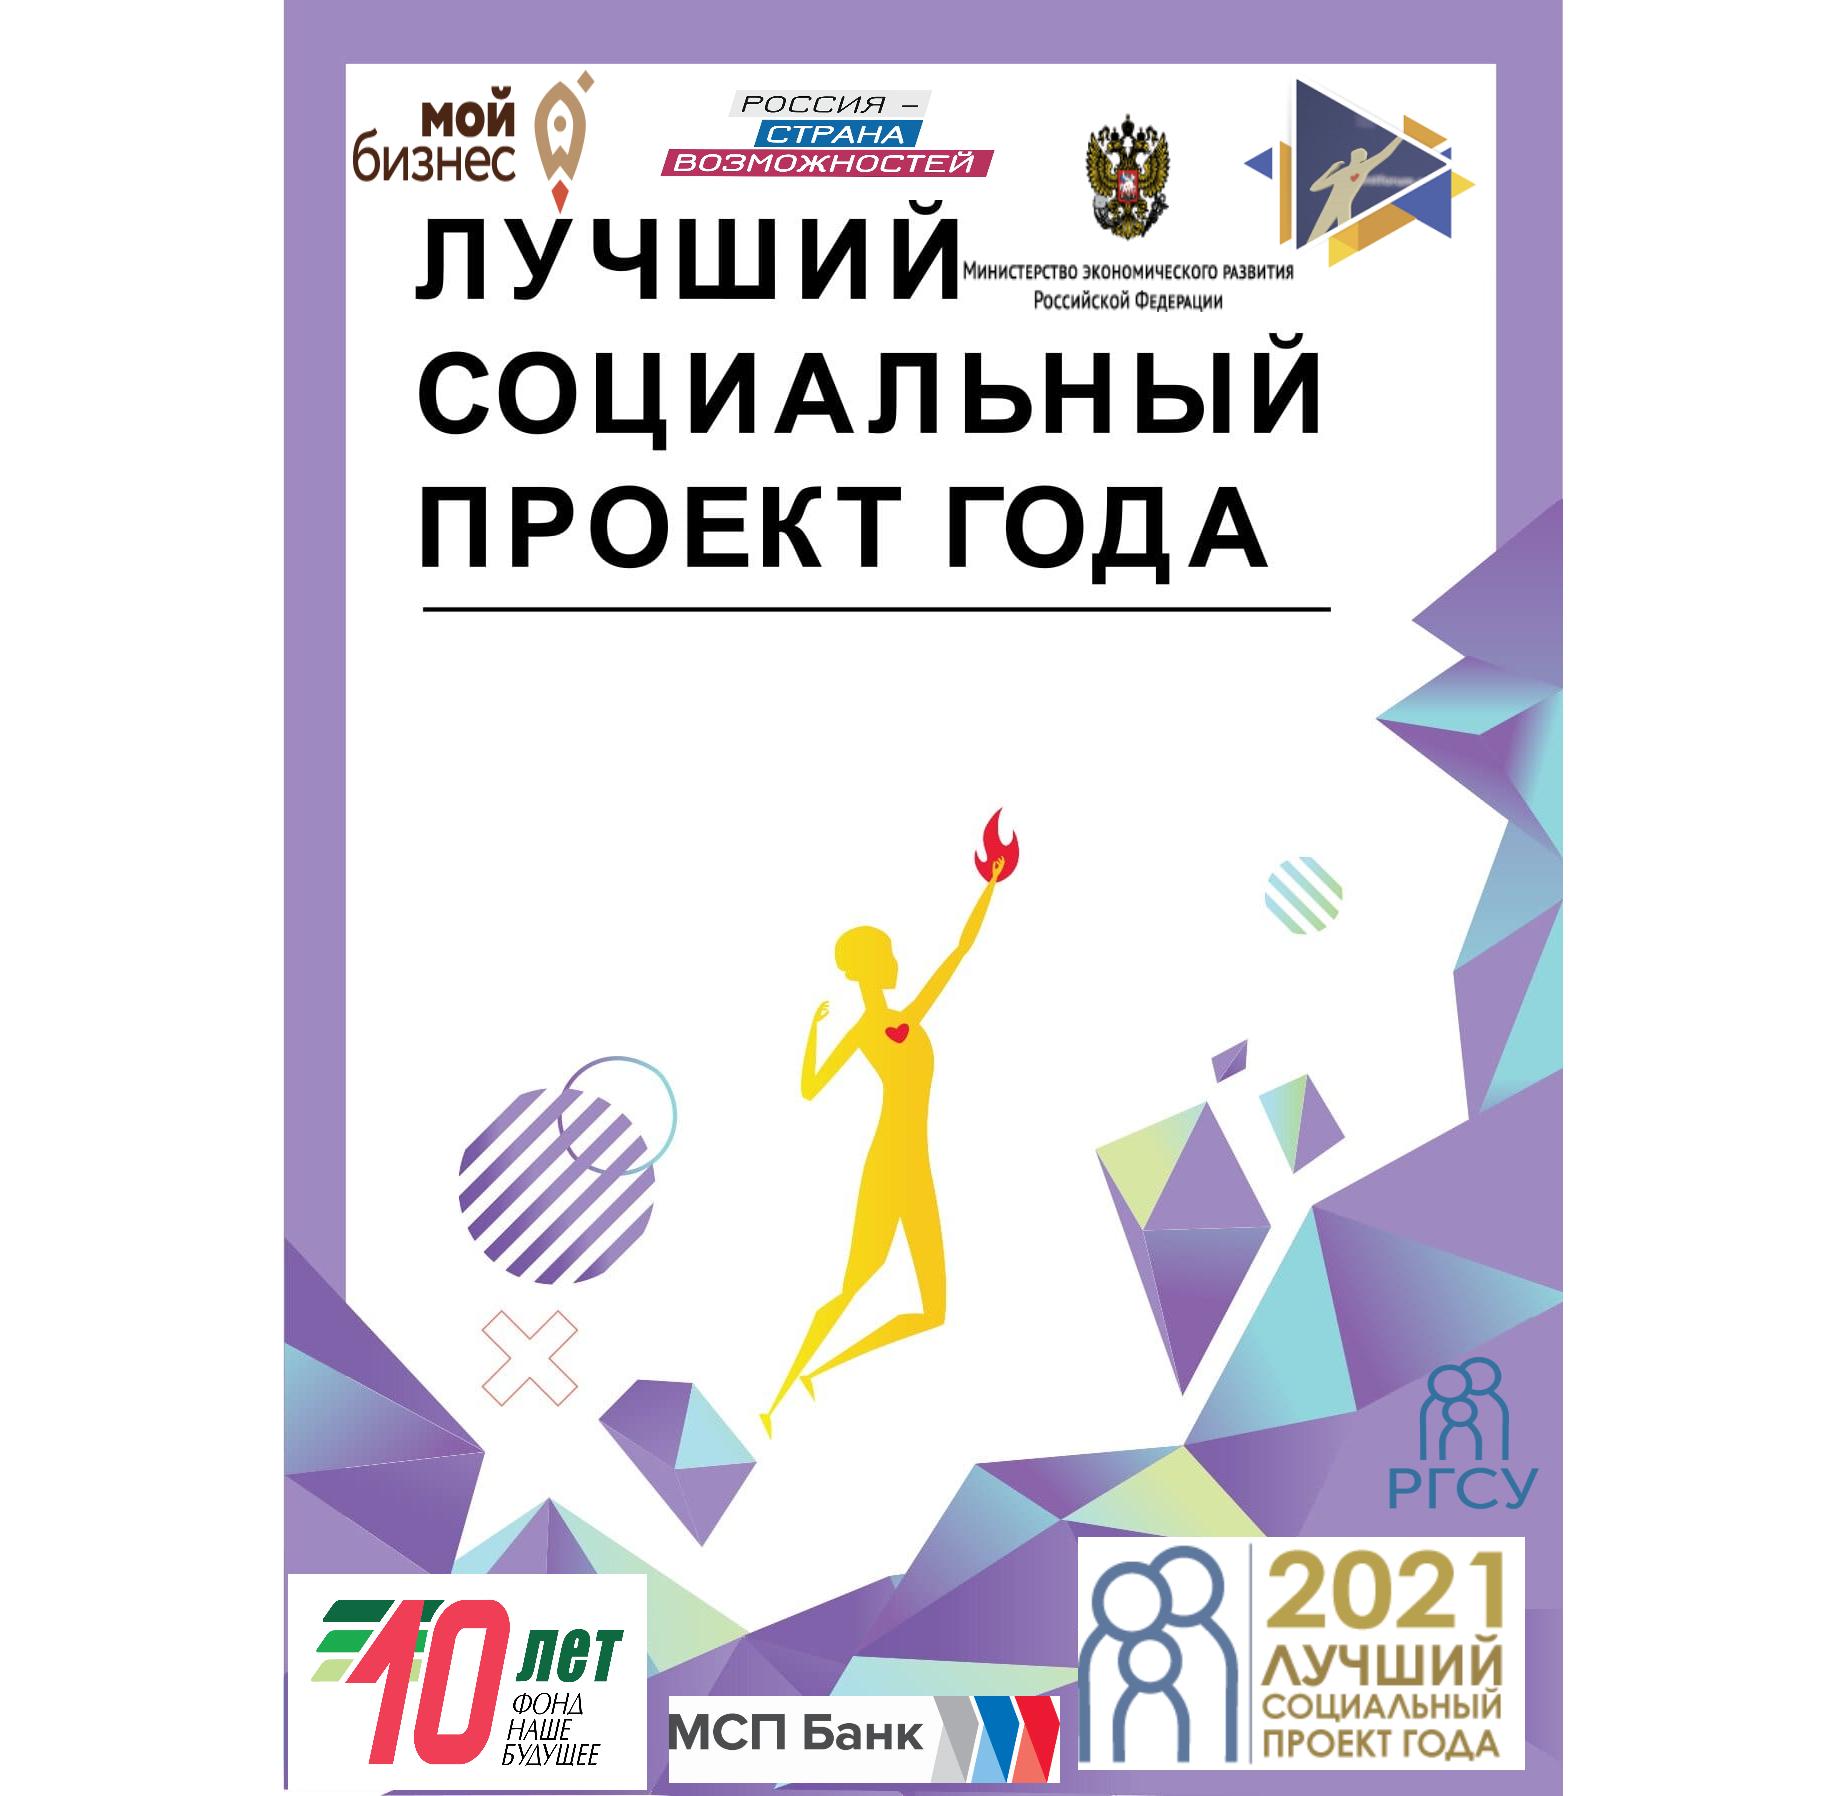 Объявляем прием заявок на участие в региональном этапе Всероссийского конкурса «Лучший социальный проект года — 2021»